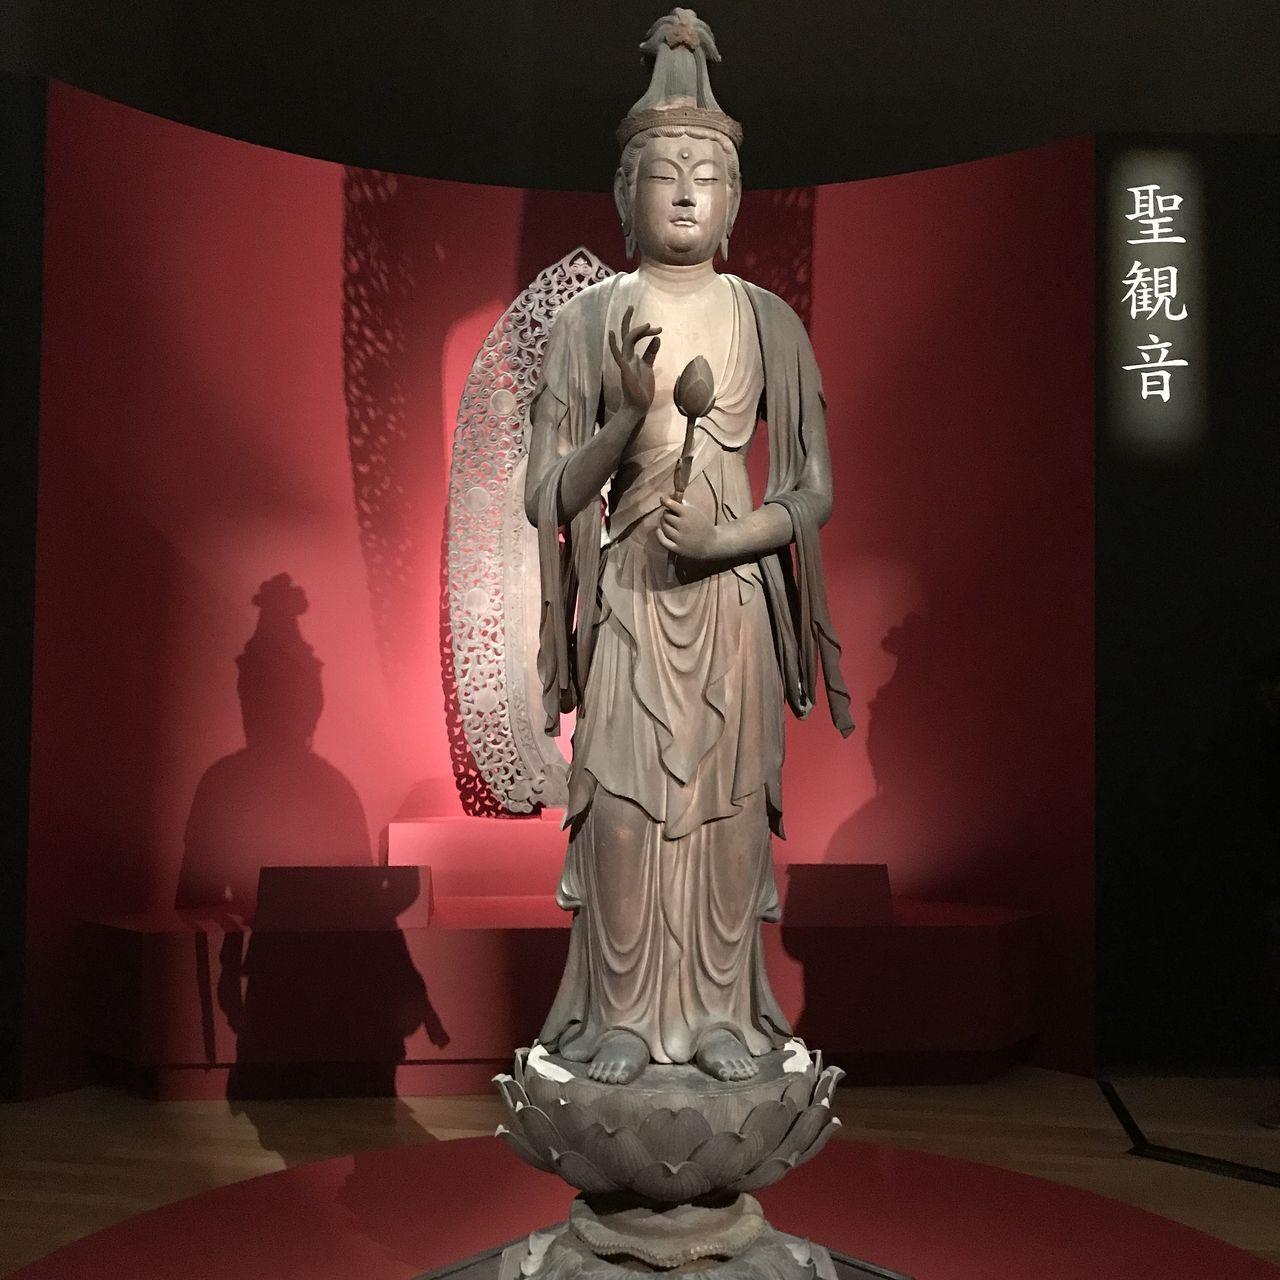 この仏像だけ写真を撮ることができます。